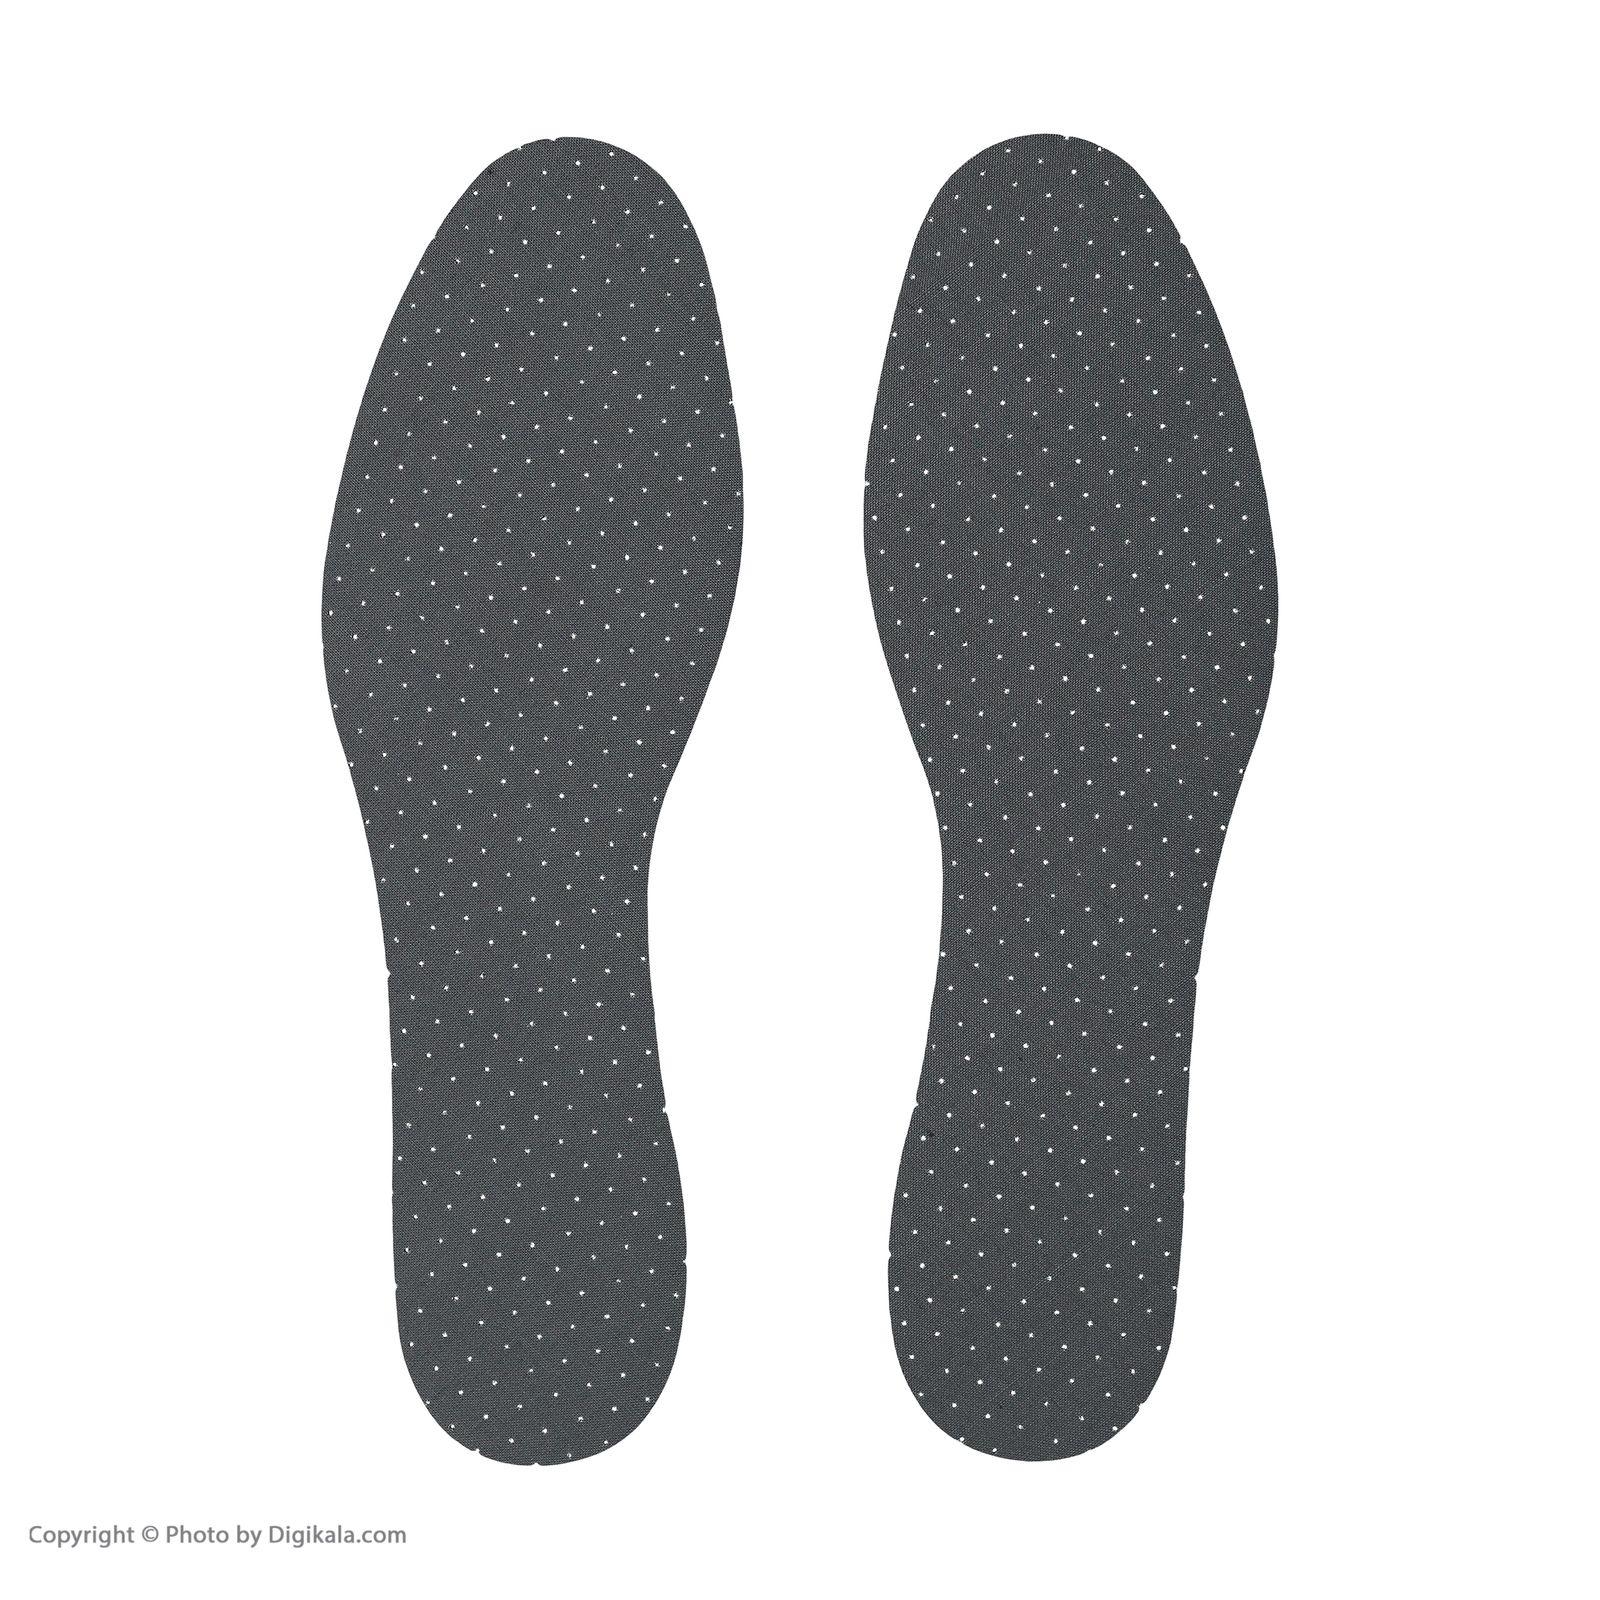 کفي کفش کوایمبرا مدل 1404041 سایز 41 -  - 4